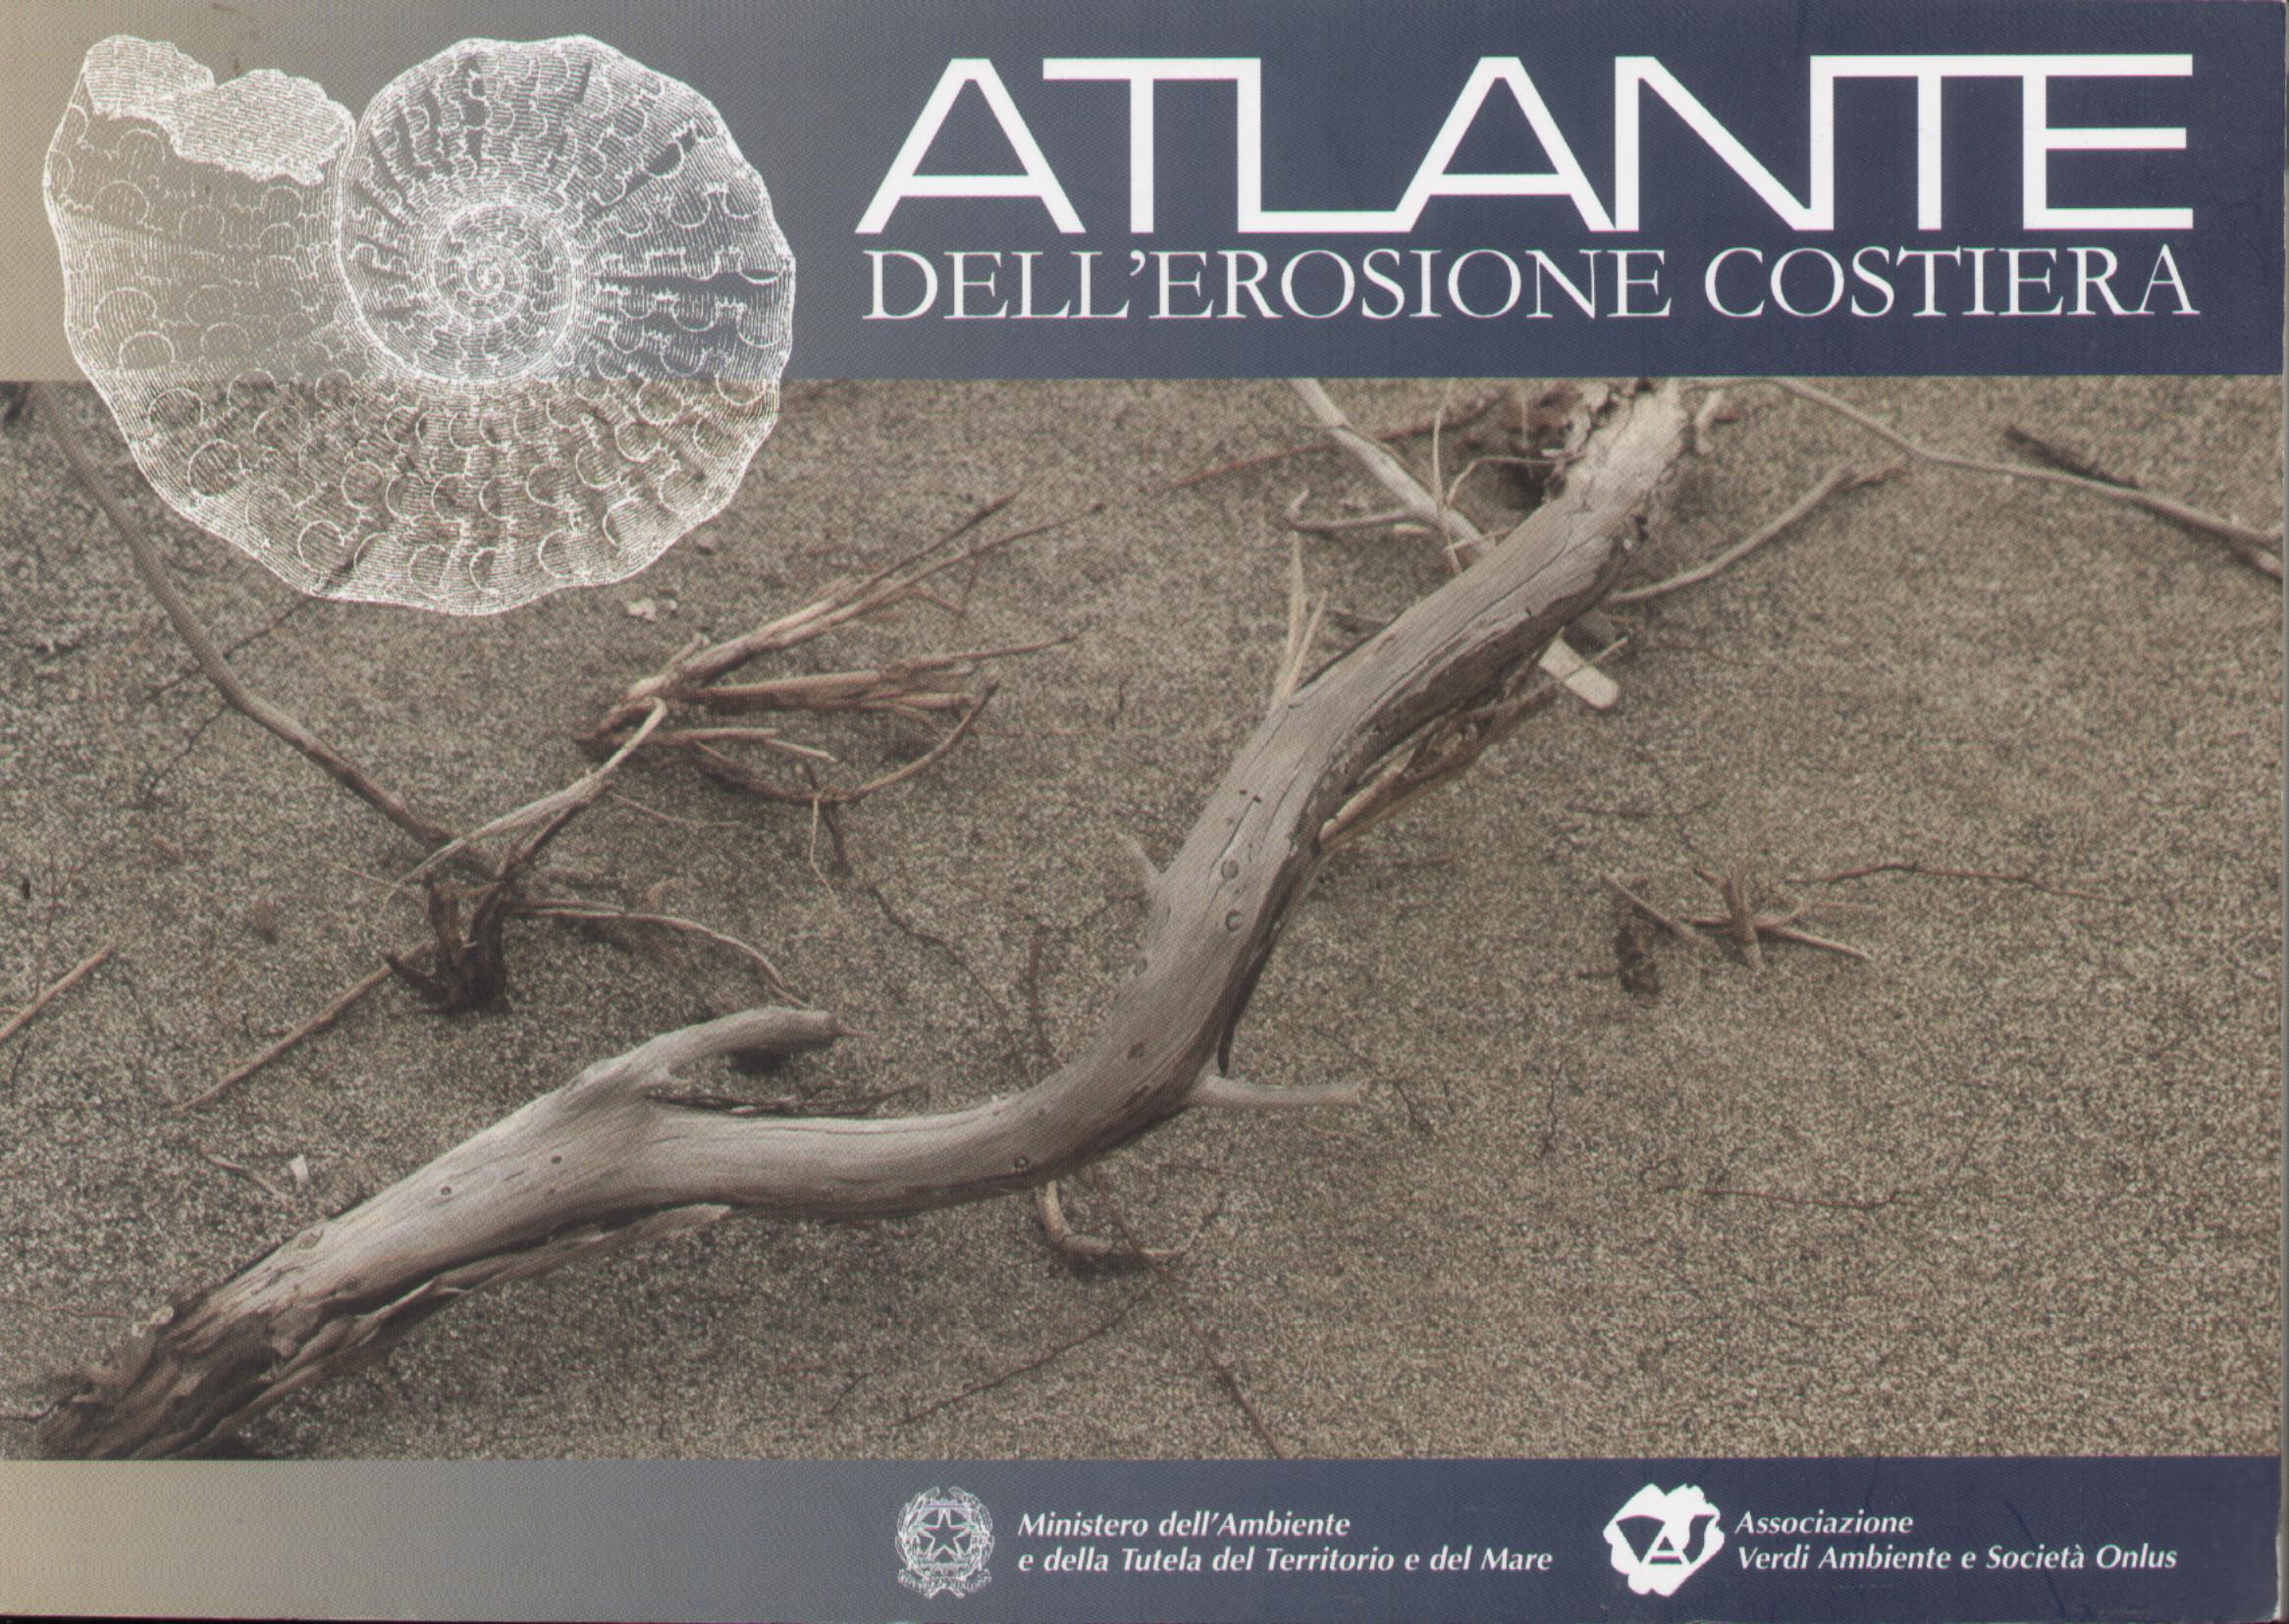 Atlante dell'erosione costiera